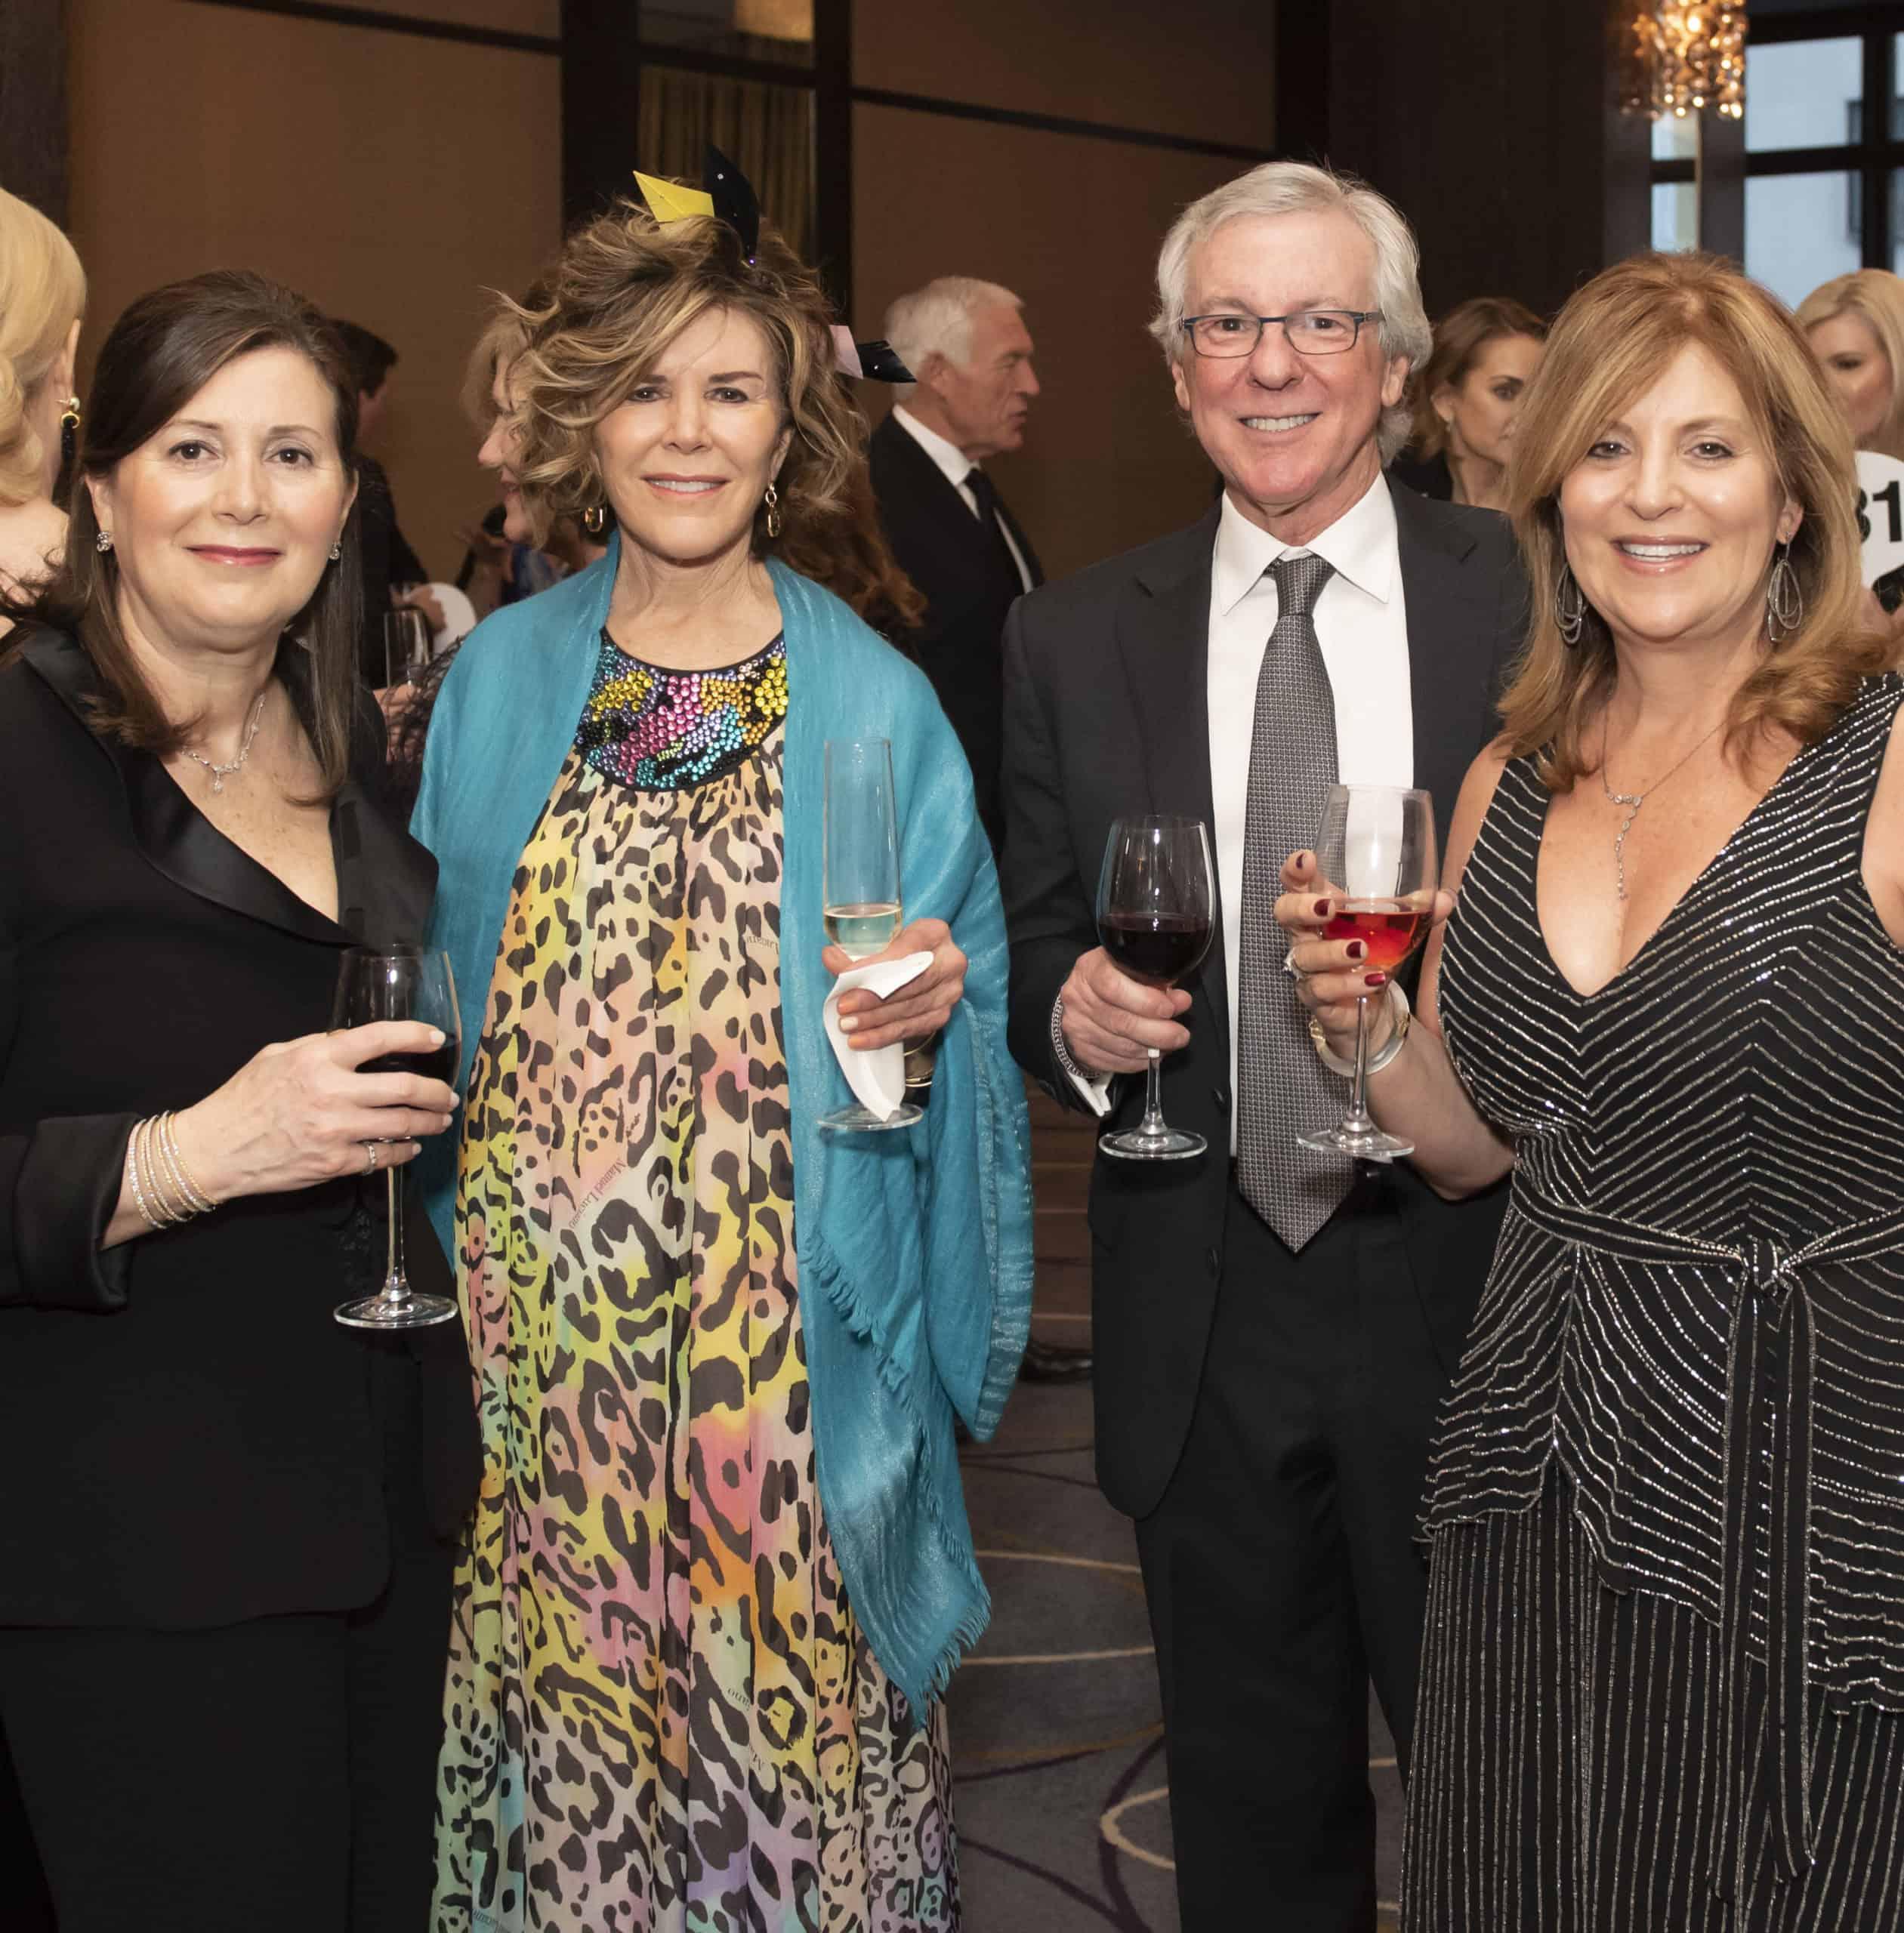 Michelle Friezo, Joan Doering, Marty Stenzler and Debbie Lacher